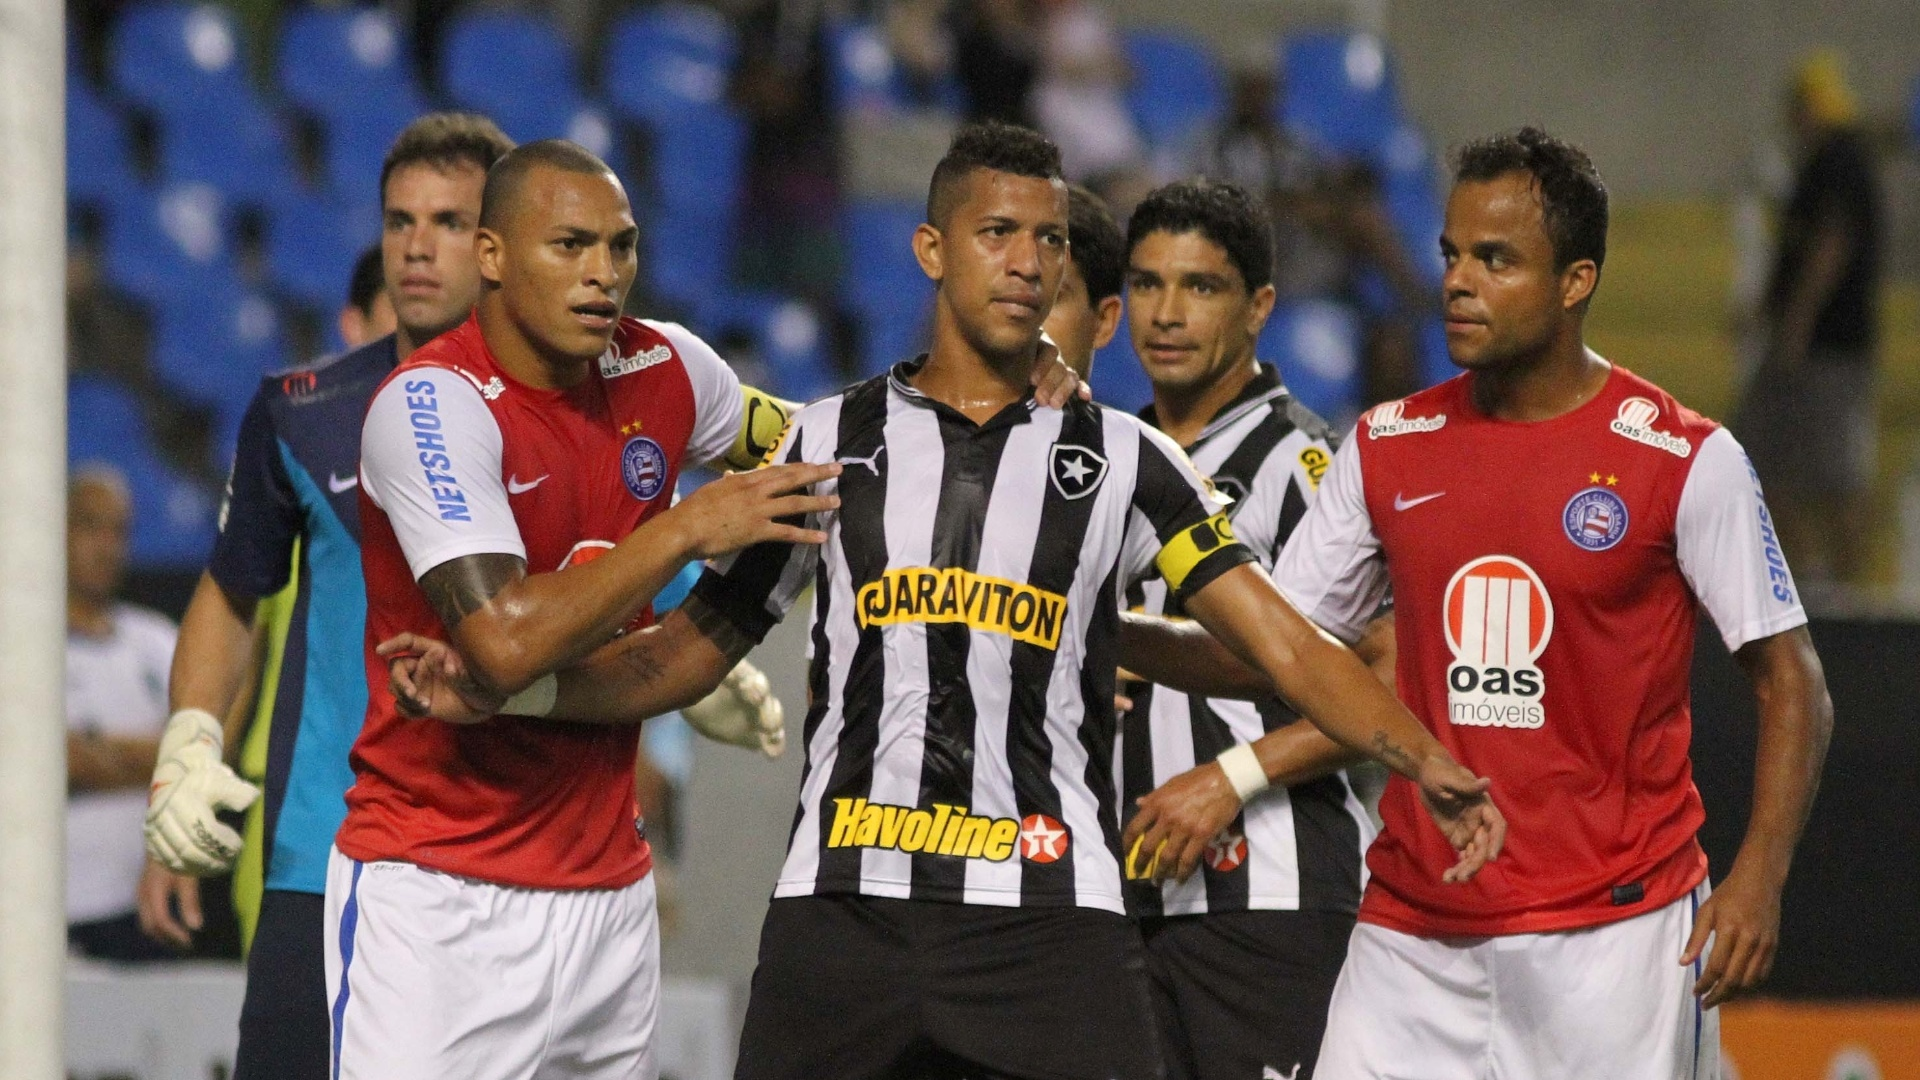 Zagueiros e capitães de seus clubes,Titi do Bahia segura Antônio Carlos do Botafogo